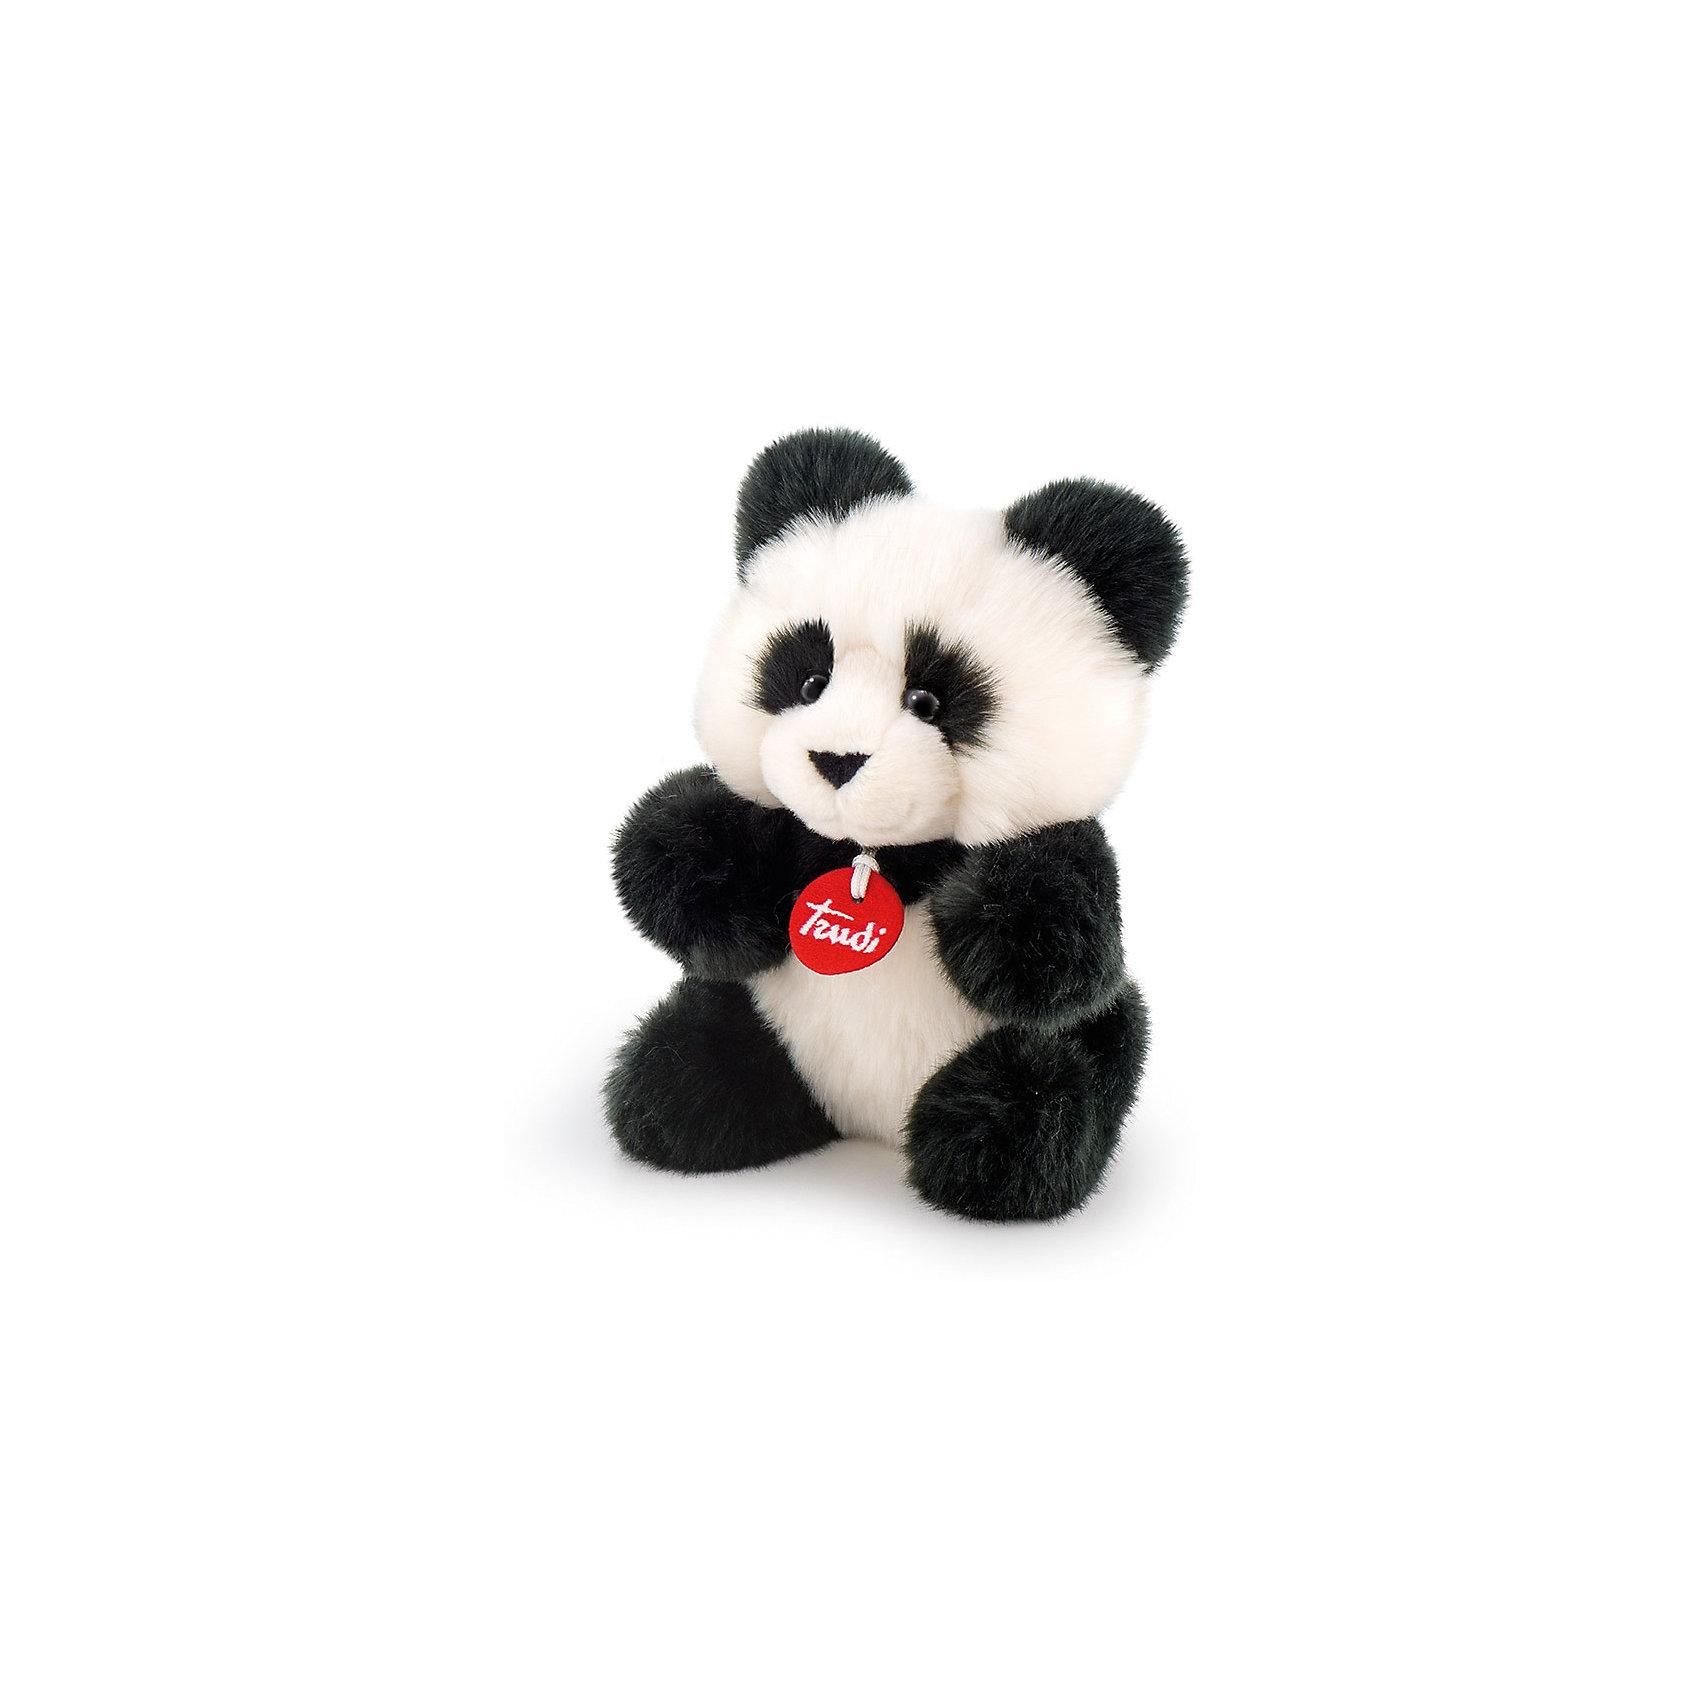 Панда-пушистик, 24 см, TrudiМедвежата<br>Характеристики товара:<br><br>• возраст от 3 лет;<br>• материал: искусственный мех, пластик;<br>• высота игрушки 24 см;<br>• размер упаковки 24х10х14 см;<br>• вес упаковки 150 гр.;<br>• страна производитель Индонезия.<br><br>Панда-пушистик Trudi — милая пушистая панда с черными глазками-пуговками, большими мягкими ушками и лапками. Малыш может играть с пандой дома, брать на прогулку или в гости, брать с собой в кроватку перед сном. Игрушка выполнена из приятного на ощупь качественного материала, который безопасен для детей. <br><br>Панду-пушистик Trudi можно приобрести в нашем интернет-магазине.<br><br>Ширина мм: 100<br>Глубина мм: 140<br>Высота мм: 240<br>Вес г: 150<br>Возраст от месяцев: 36<br>Возраст до месяцев: 2147483647<br>Пол: Унисекс<br>Возраст: Детский<br>SKU: 5578420